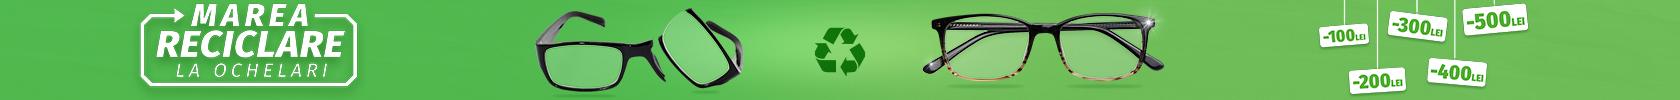 Marea Reciclare la Ochelari! Până pe 31 octombrie! Profită!